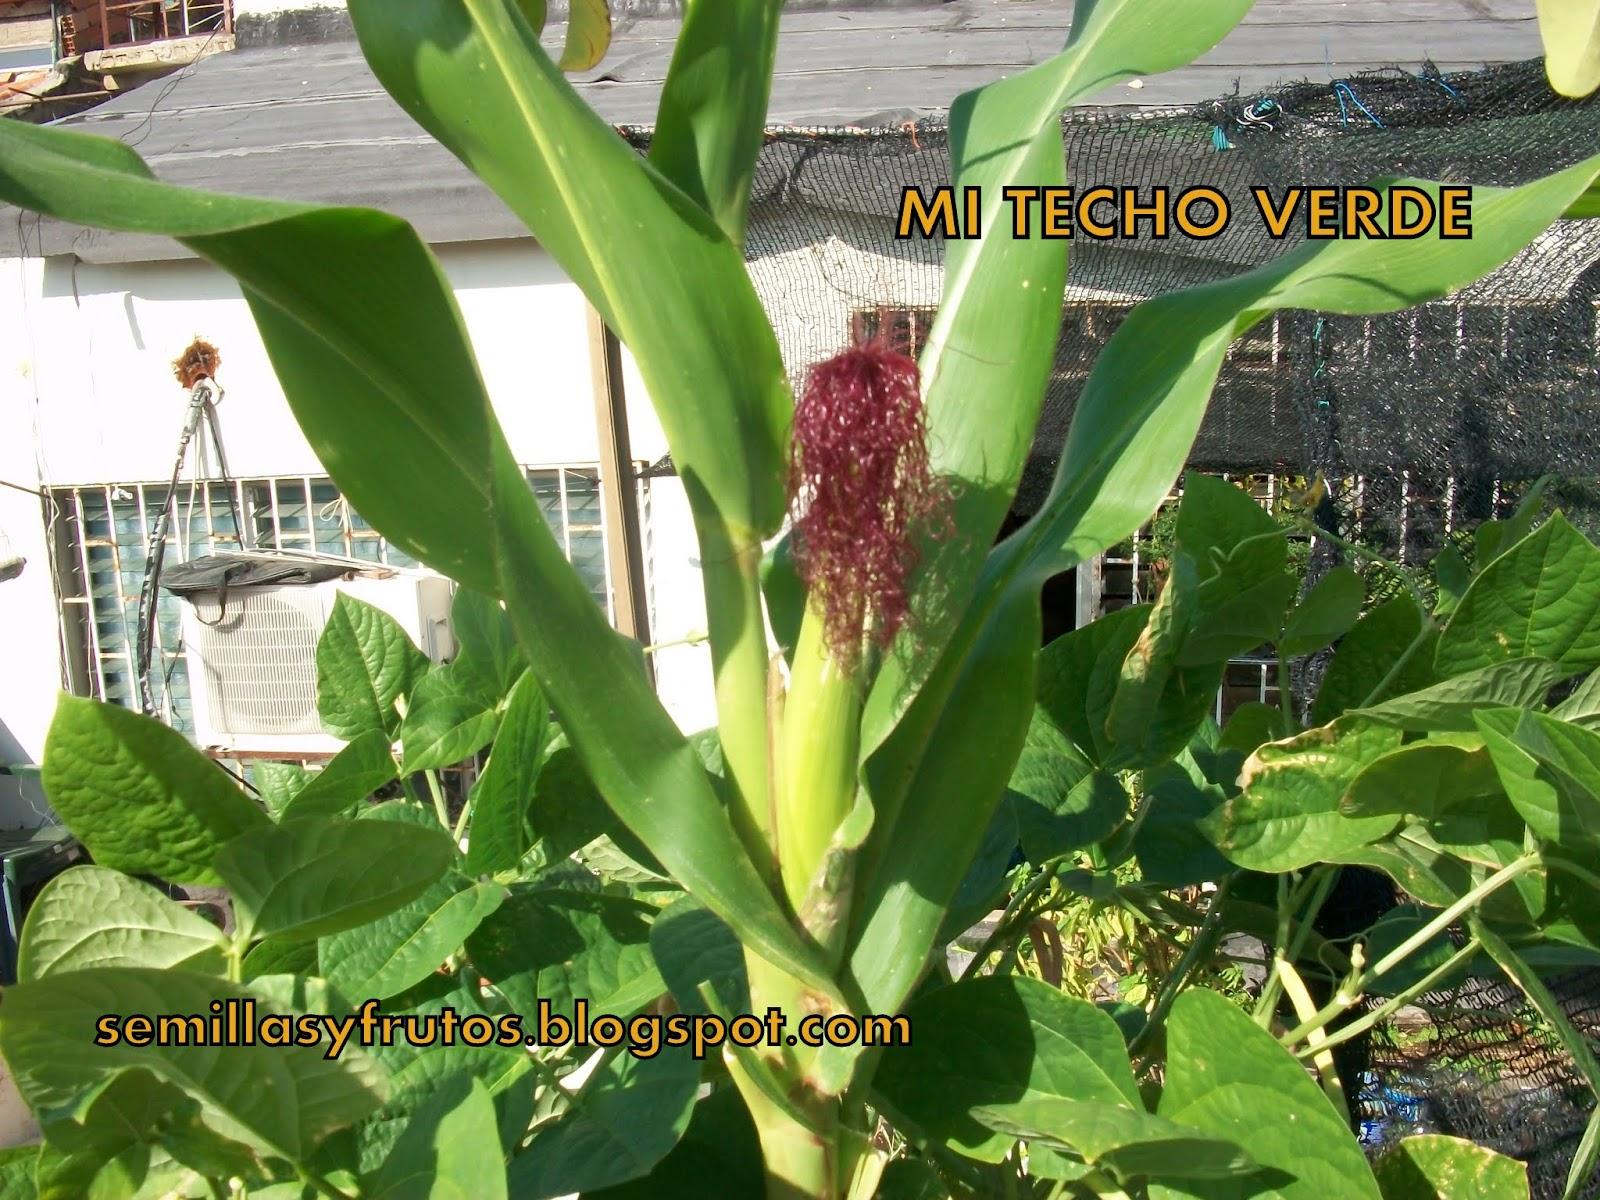 Mi techo verde maiz en macetas for Plantas en macetas